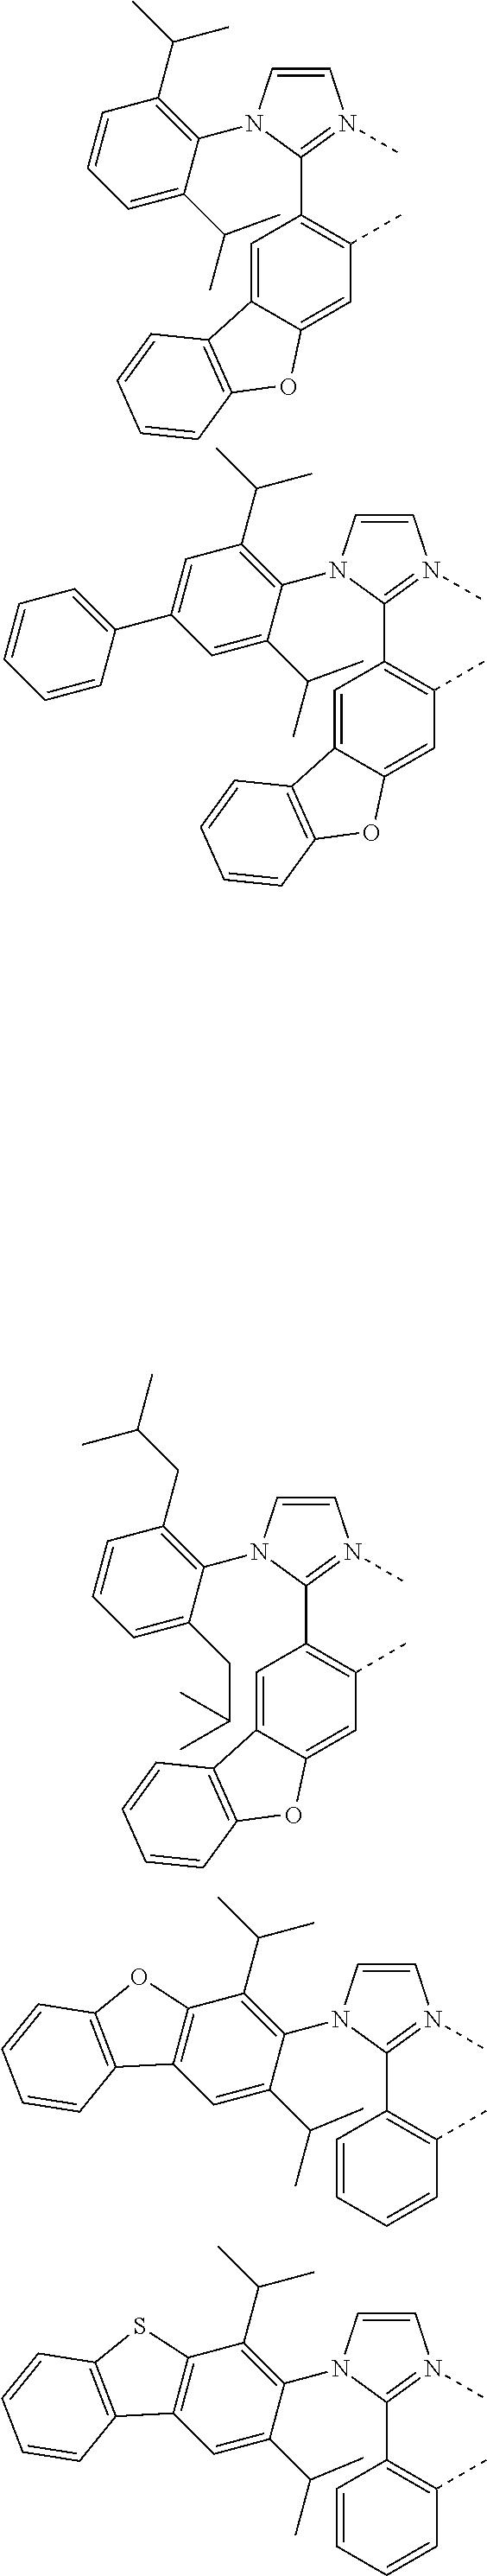 Figure US09773985-20170926-C00026